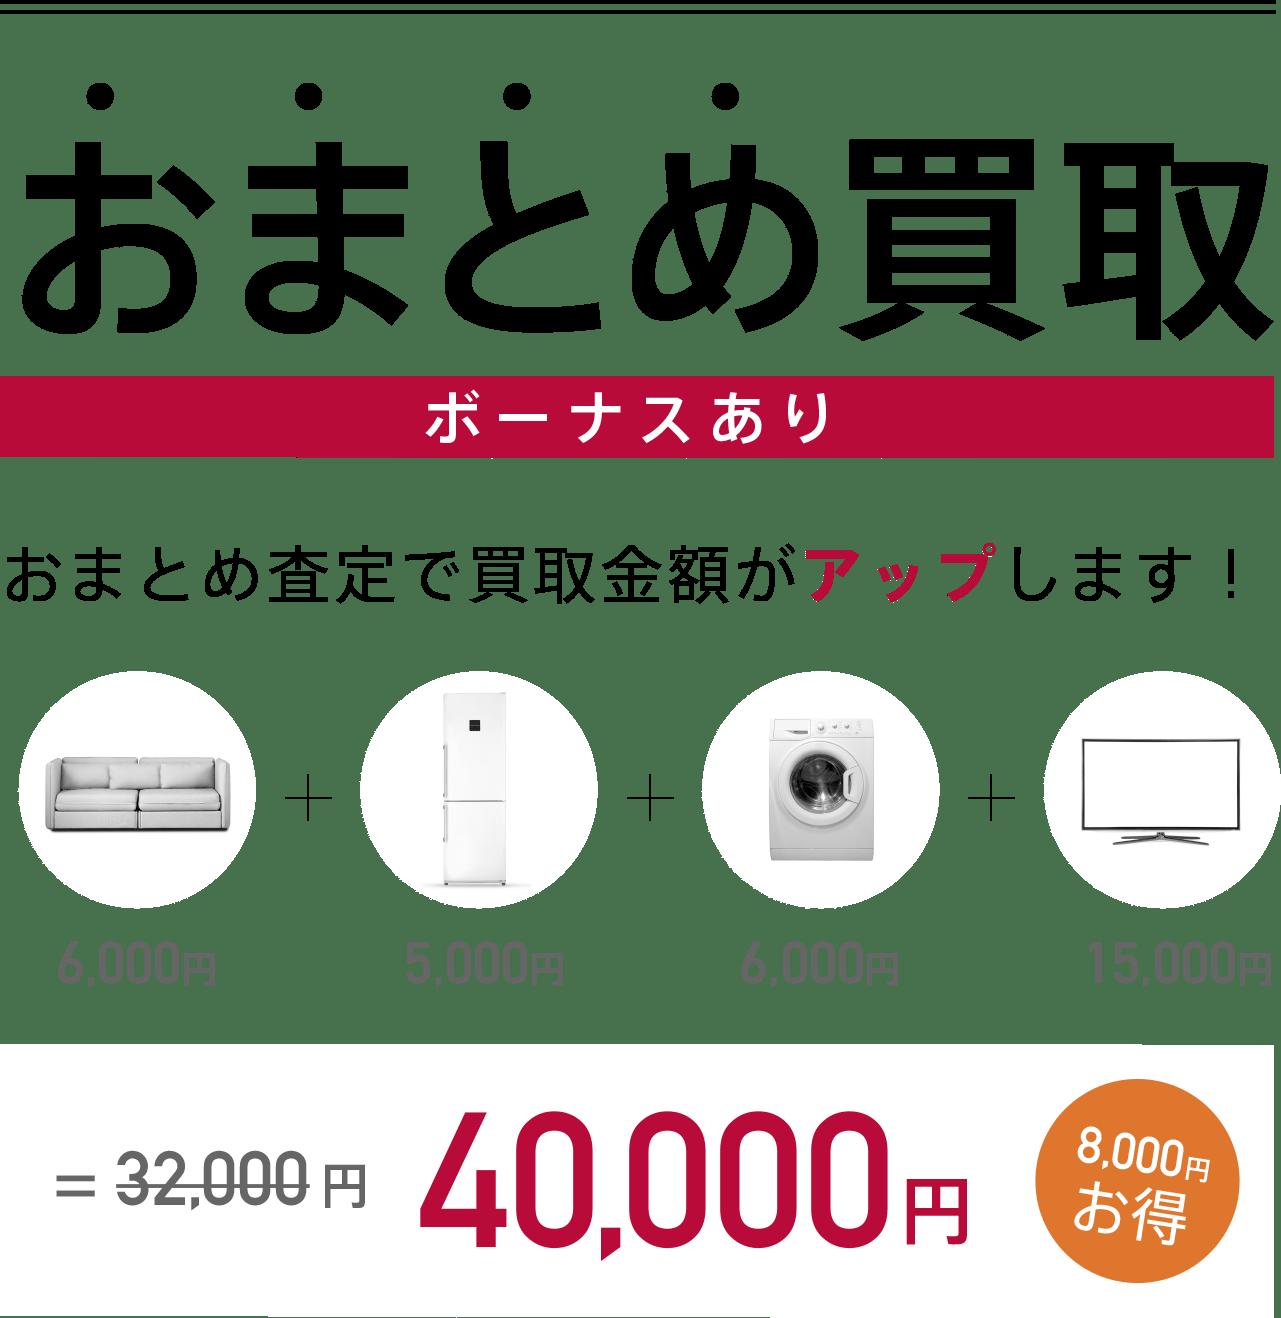 おまとめ買取 ボーナスあり おまとめ査定で買取金額がアップします! ソファ6,000円 冷蔵庫5,000円 洗濯機6,000円 テレビ15,000円 合計32,000円が40,000円 8,000円お得